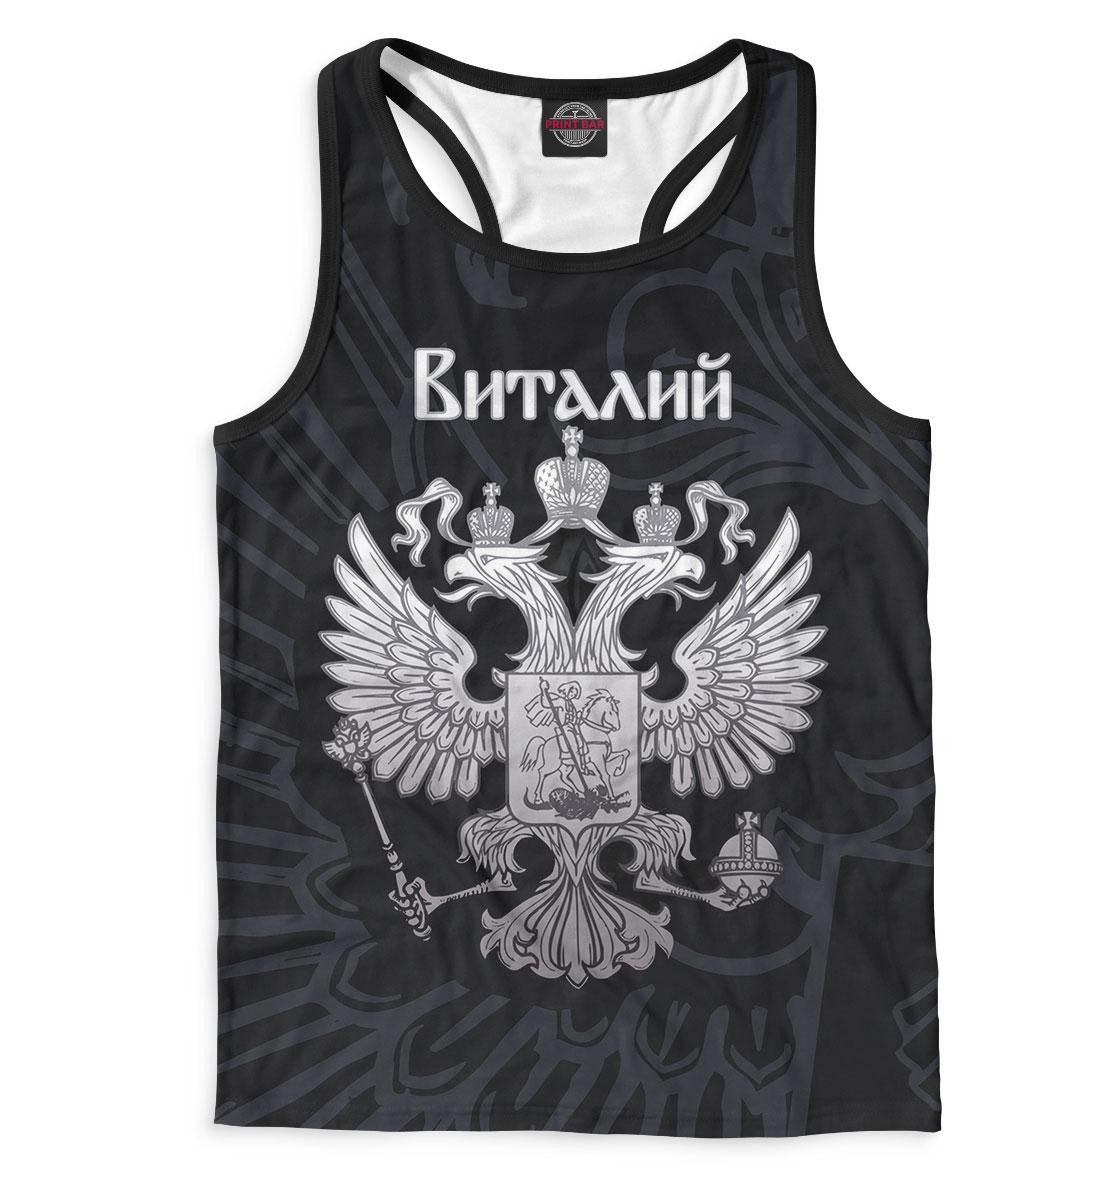 Купить Виталий, Printbar, Майки борцовки, VTL-595962-mayb-2